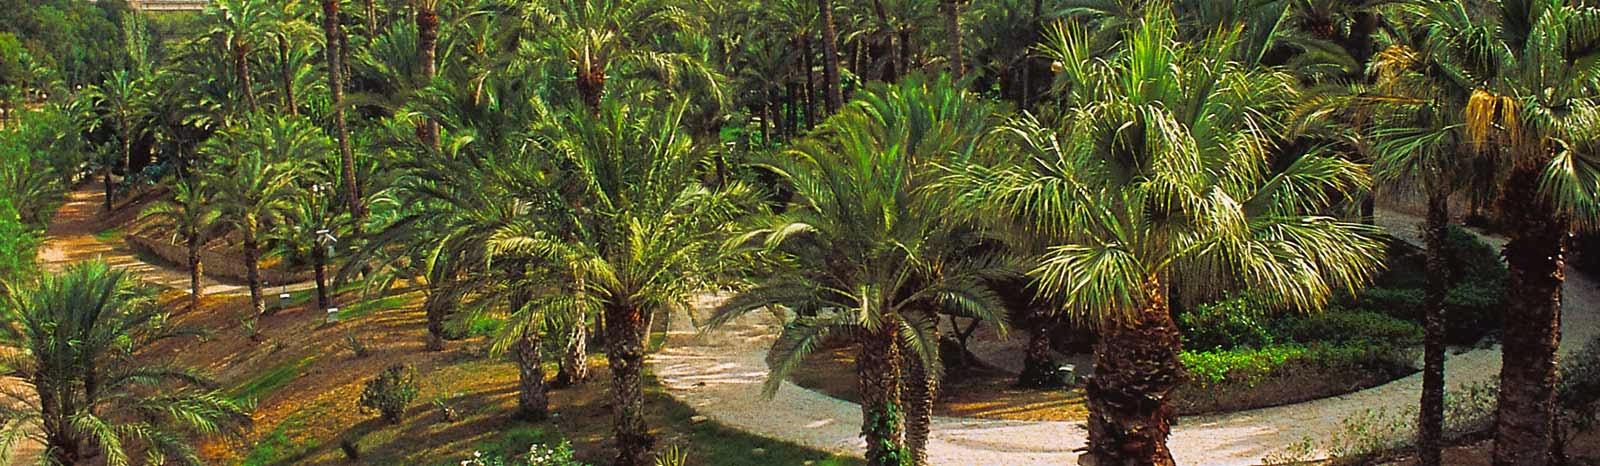 Alicante Province